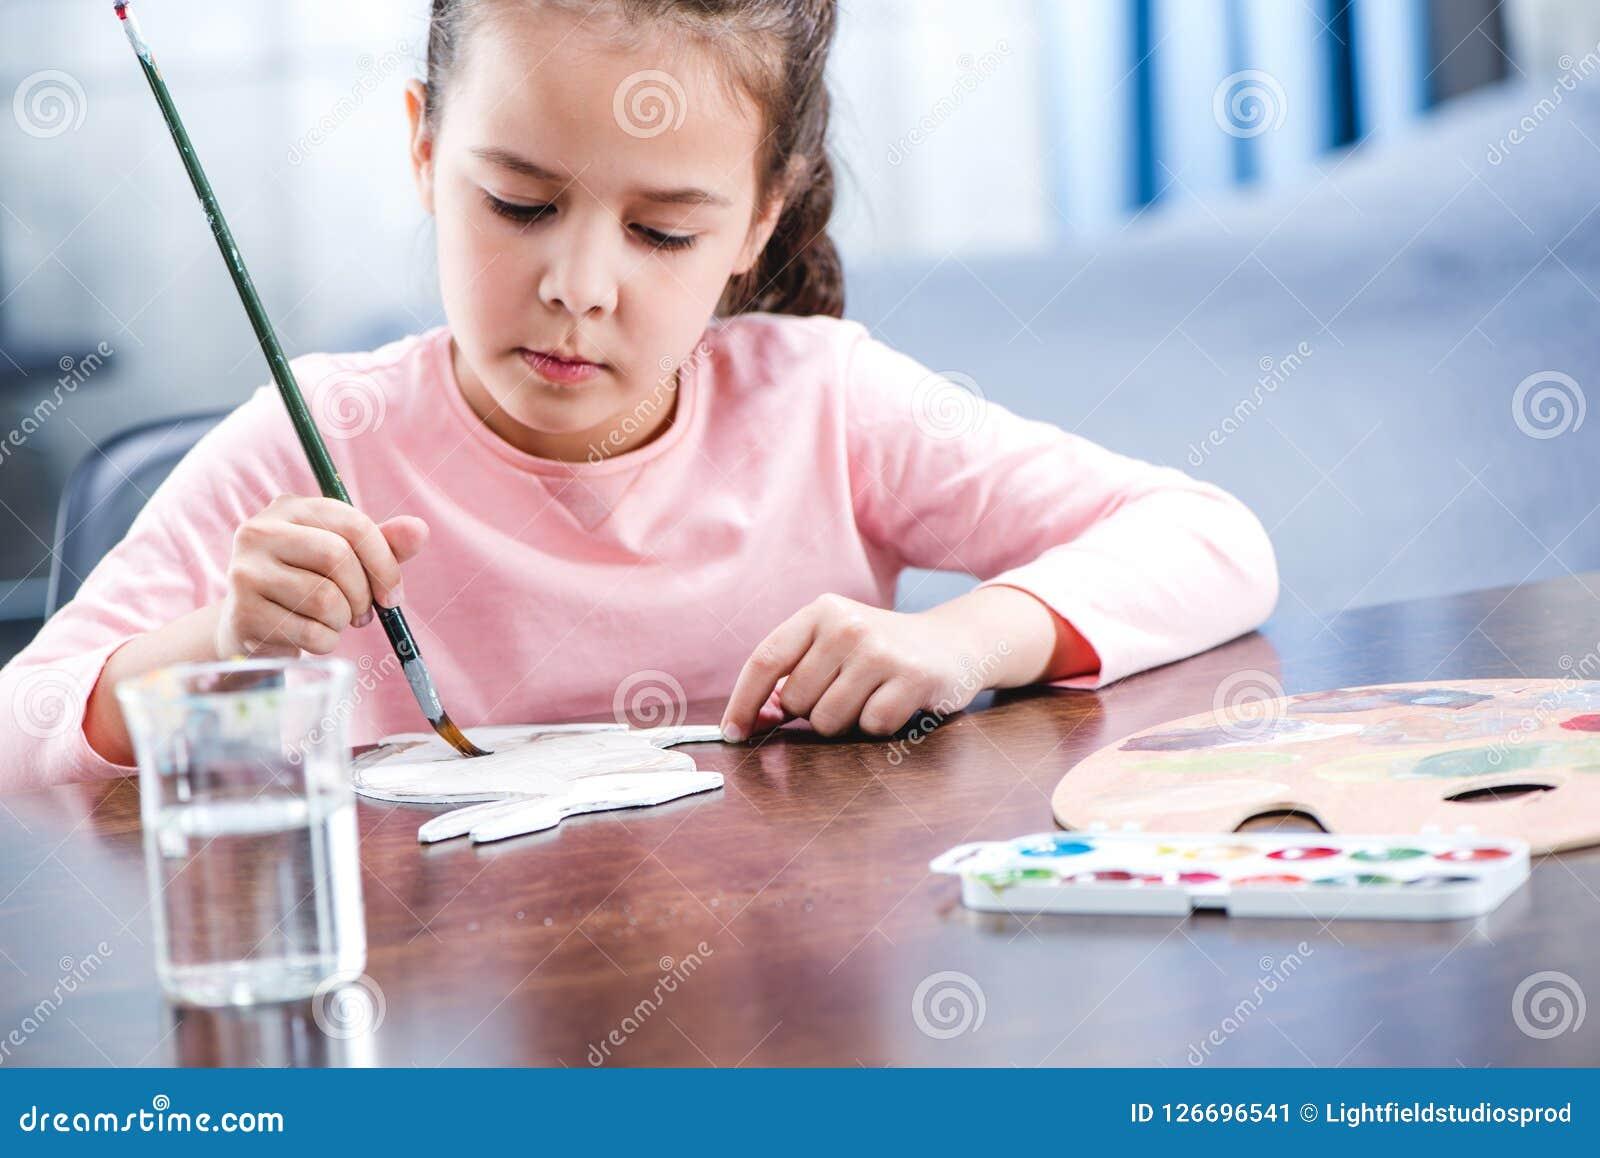 Portret van geconcentreerd kind het schilderen dier op papier